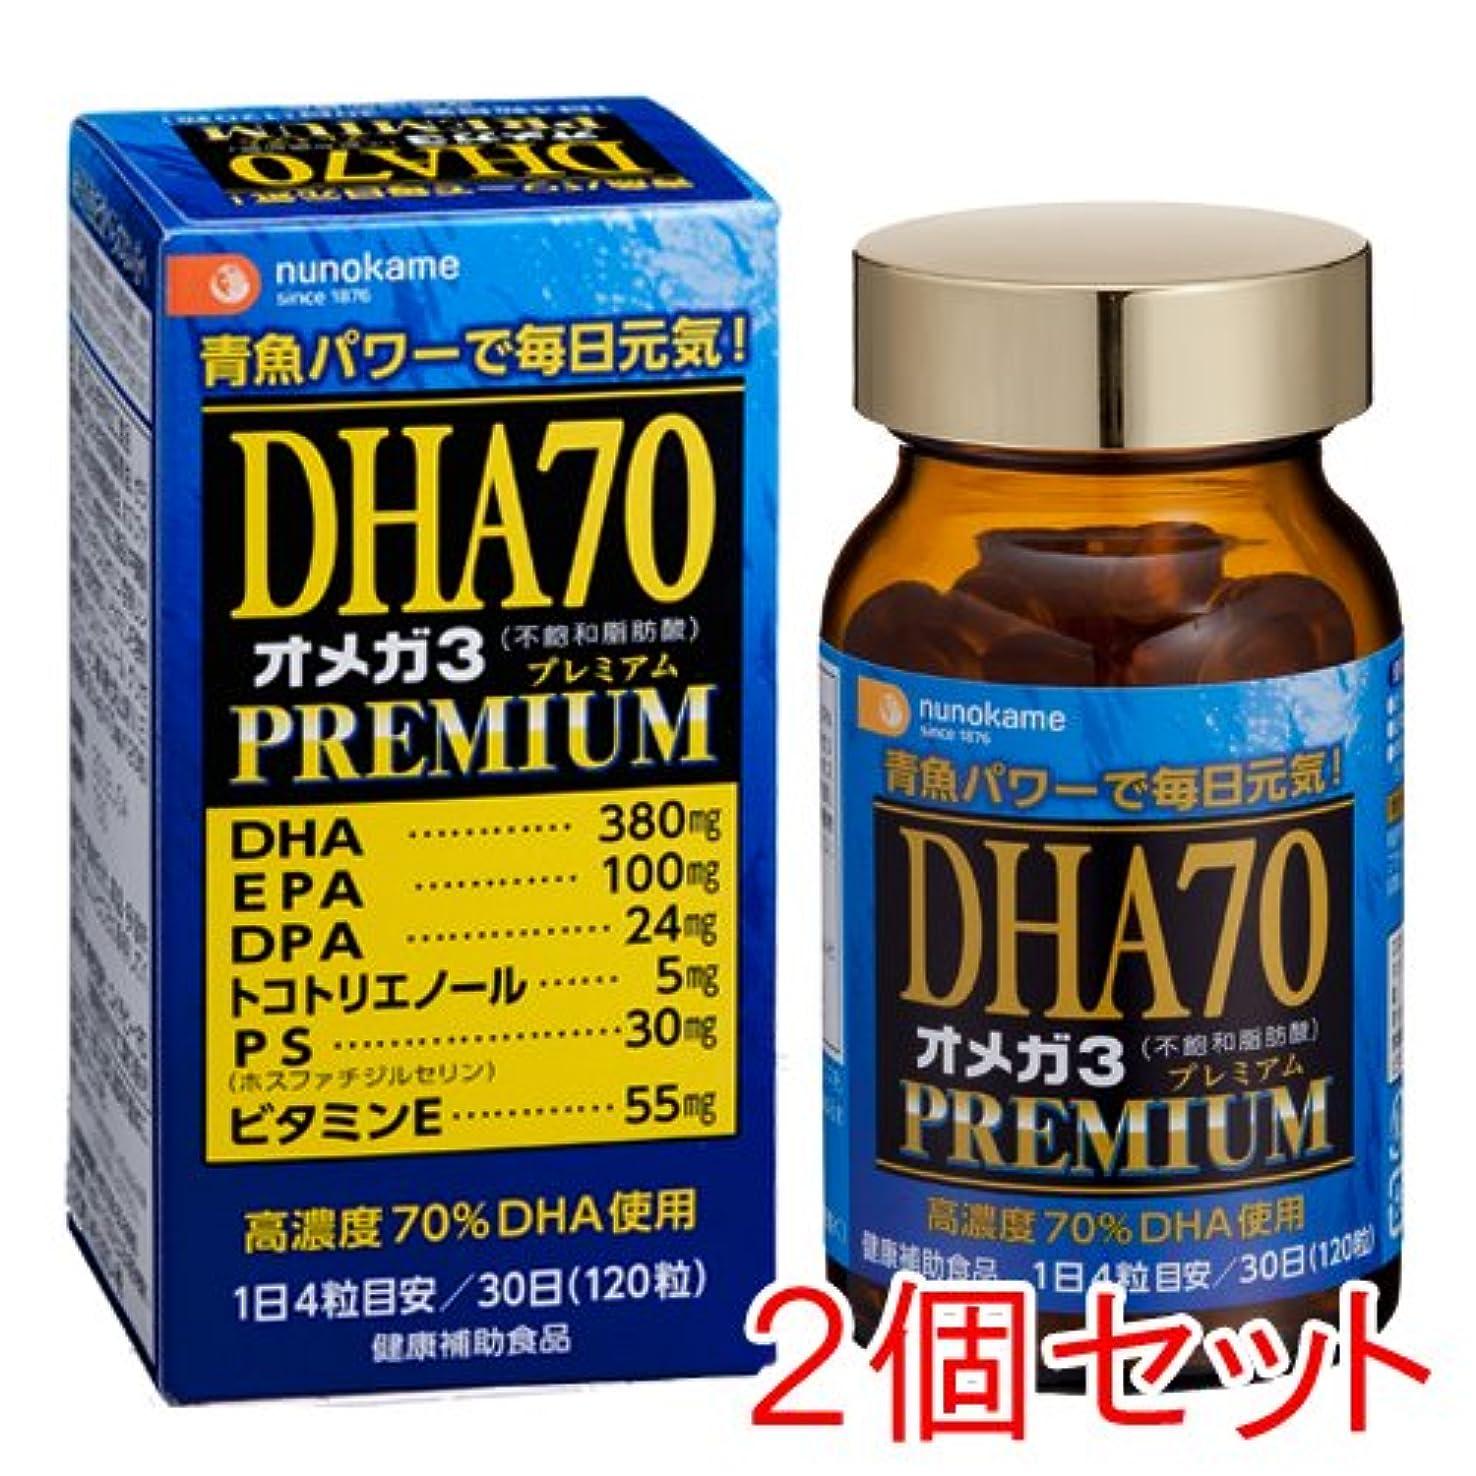 ウィスキー食い違いスペースDHAオメガ3プレミアム 2個セット